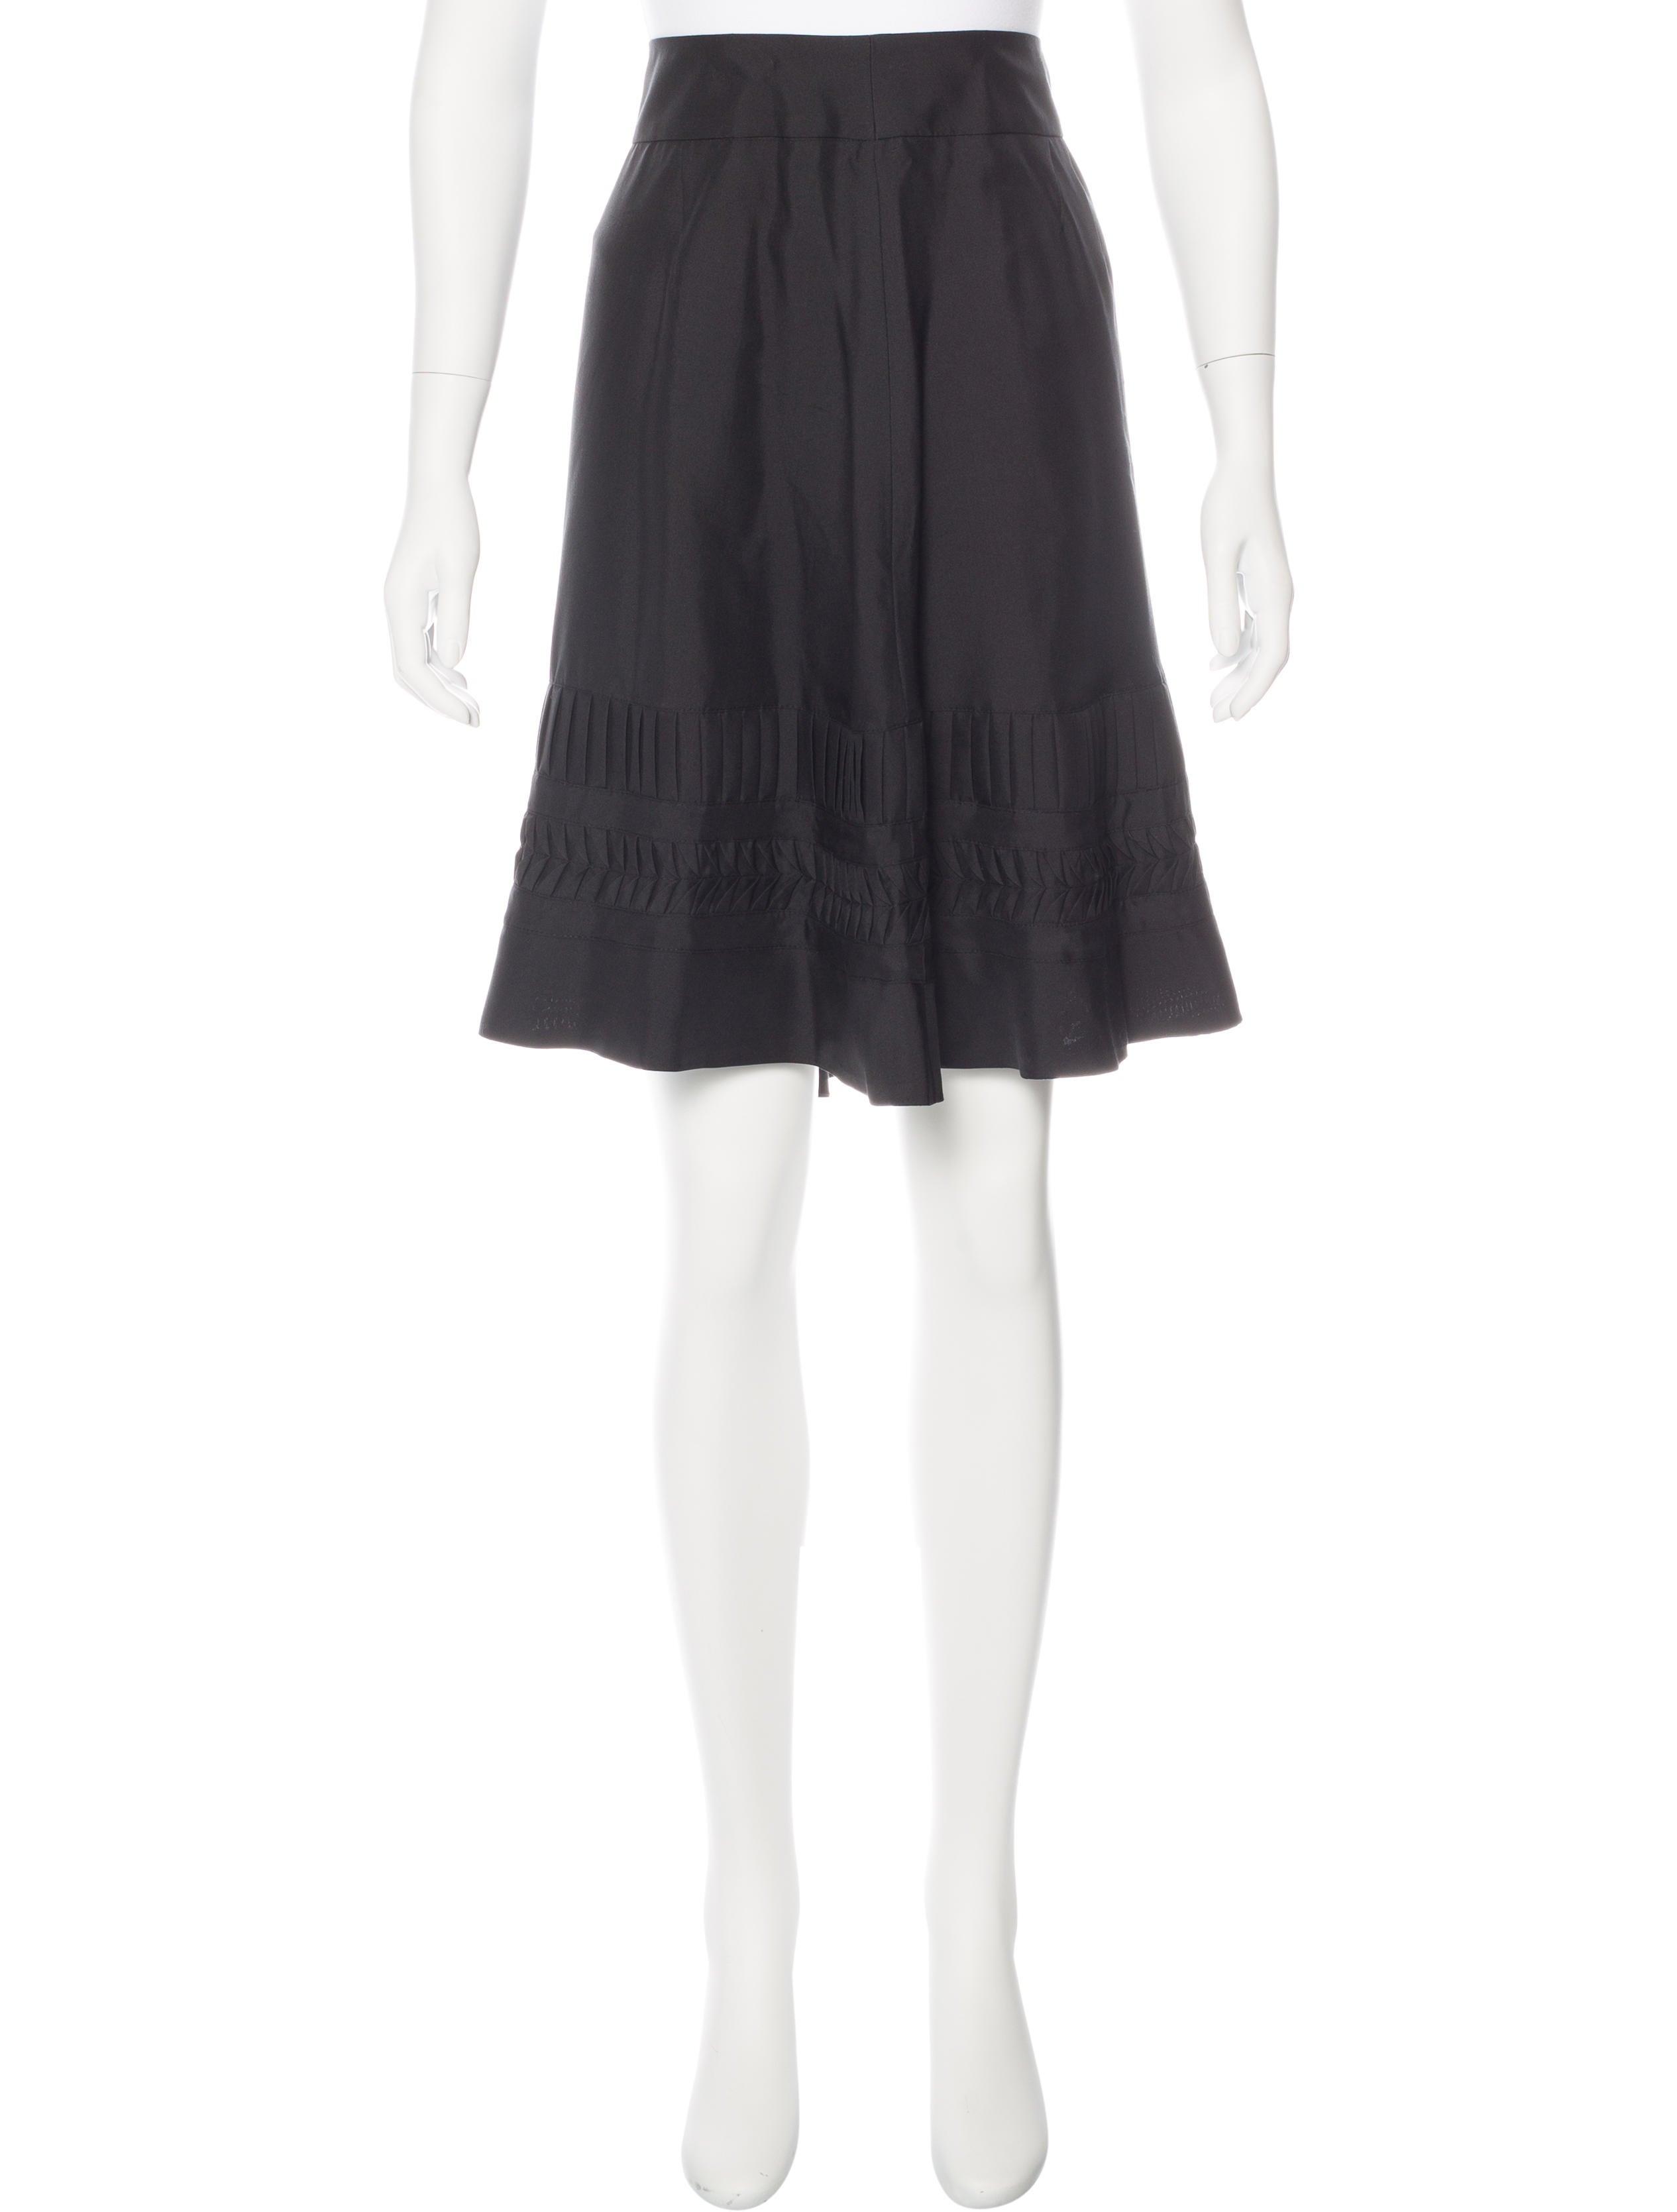 bamford knee length a line skirt clothing wbd20023